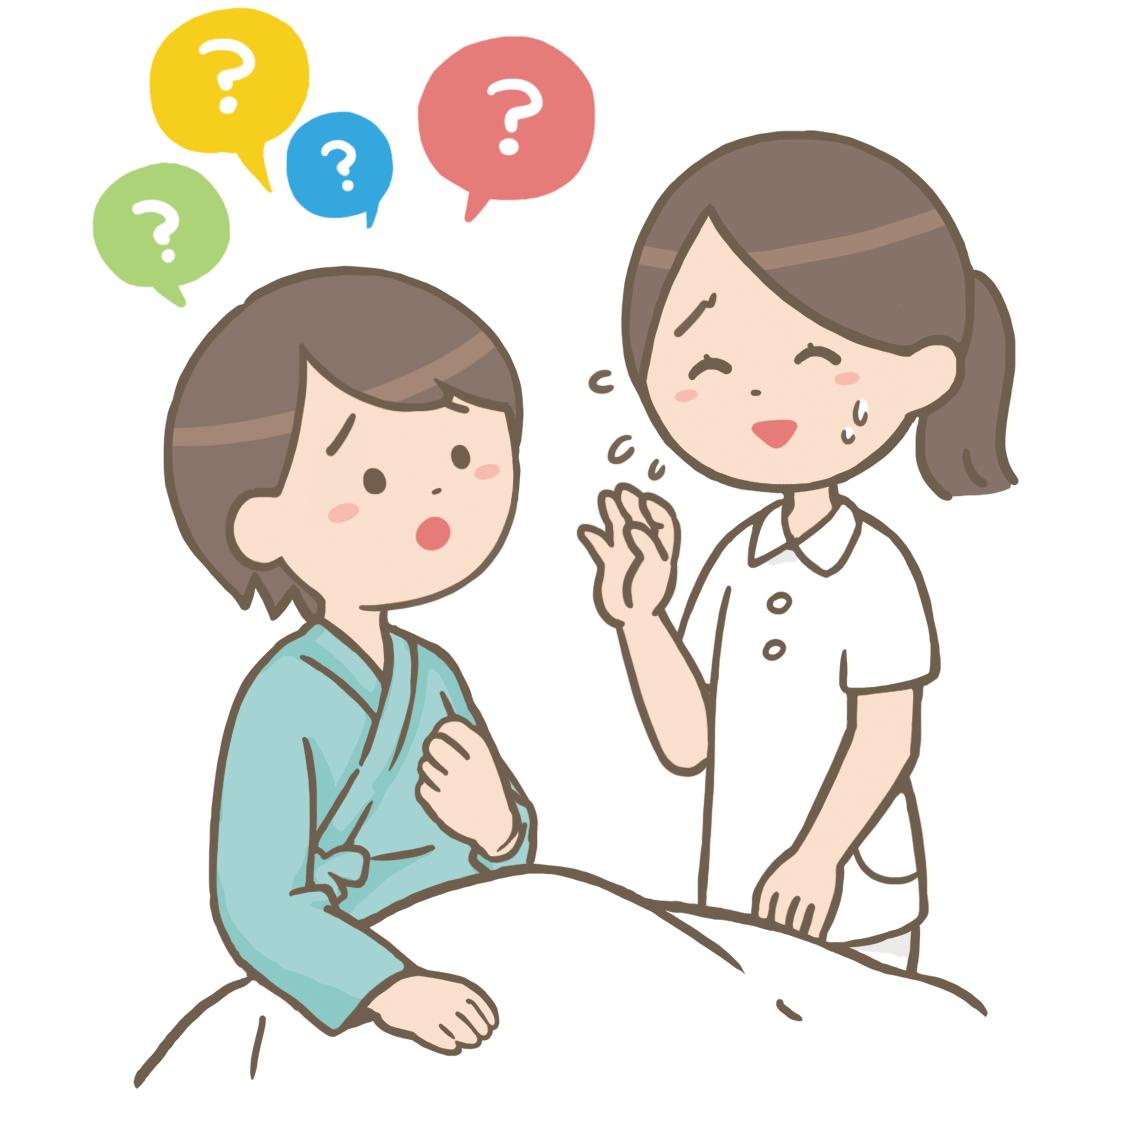 患者さんから質問を受け困っている看護師のイラストフリー素材